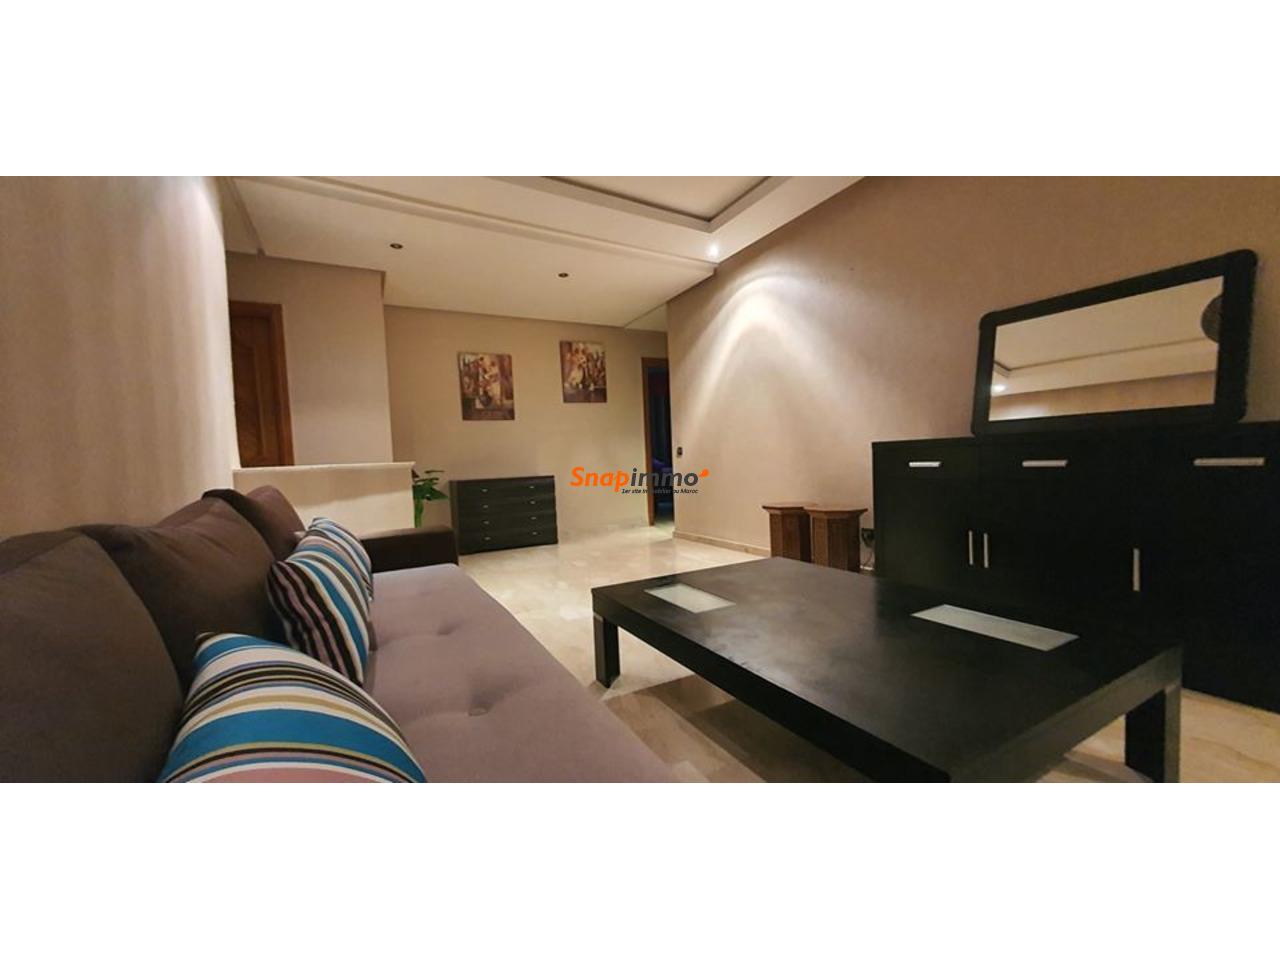 Tres bel appartement THS de 96 m2 A VENDRE a Bourgogne - 3/6